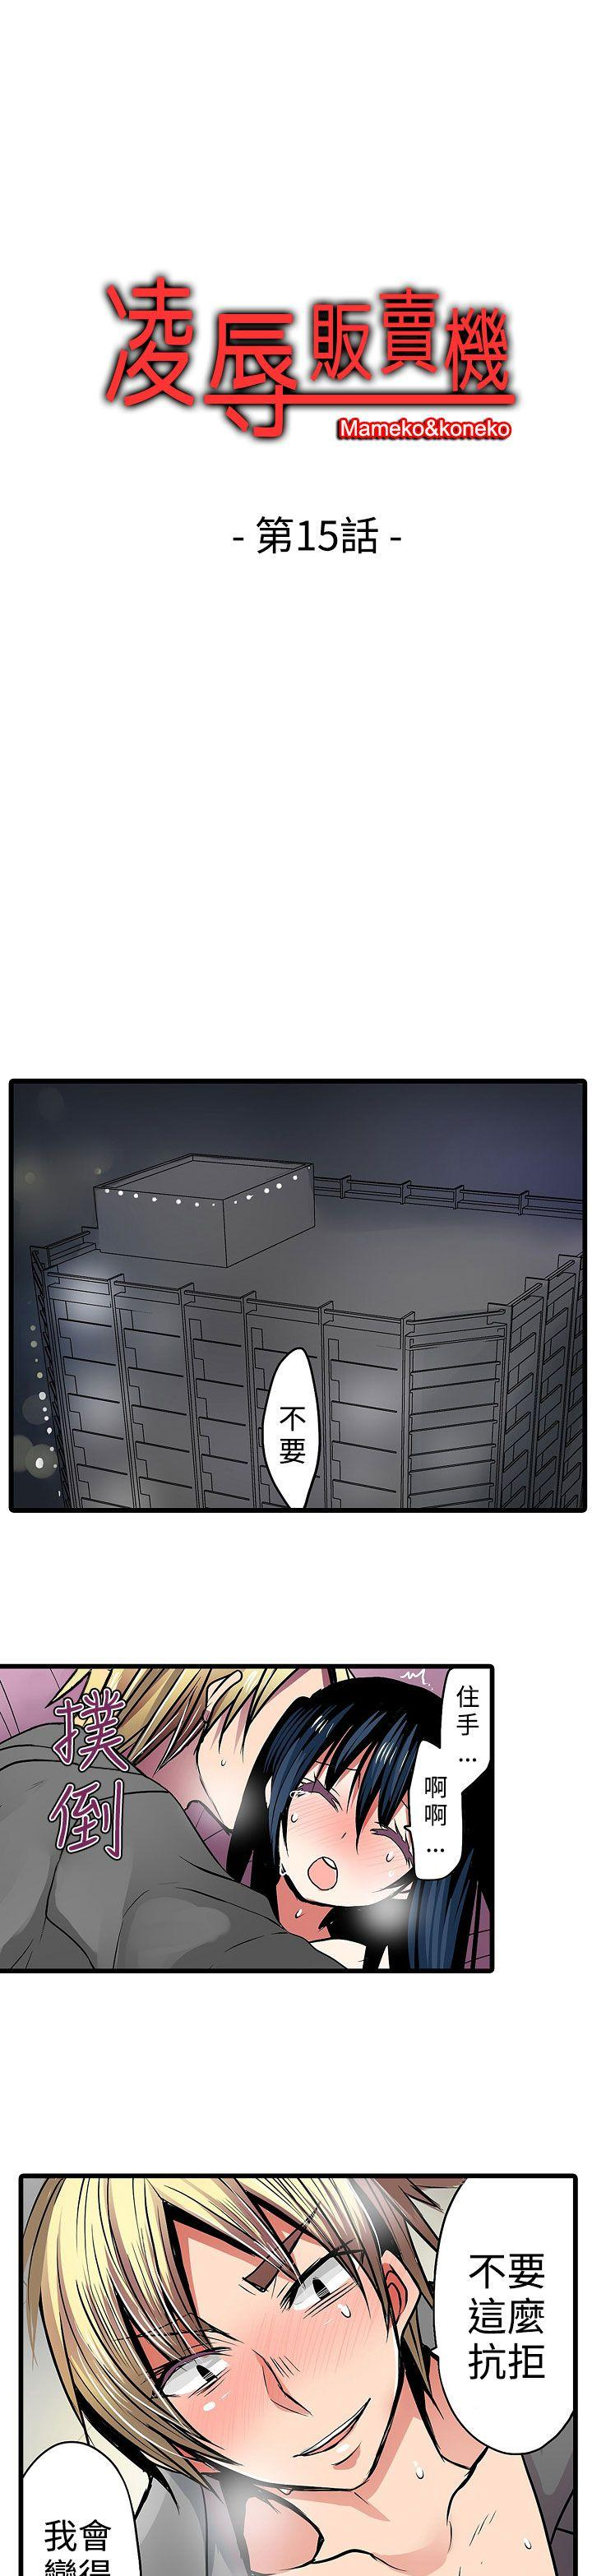 凌辱贩卖机-第15话全彩韩漫标签